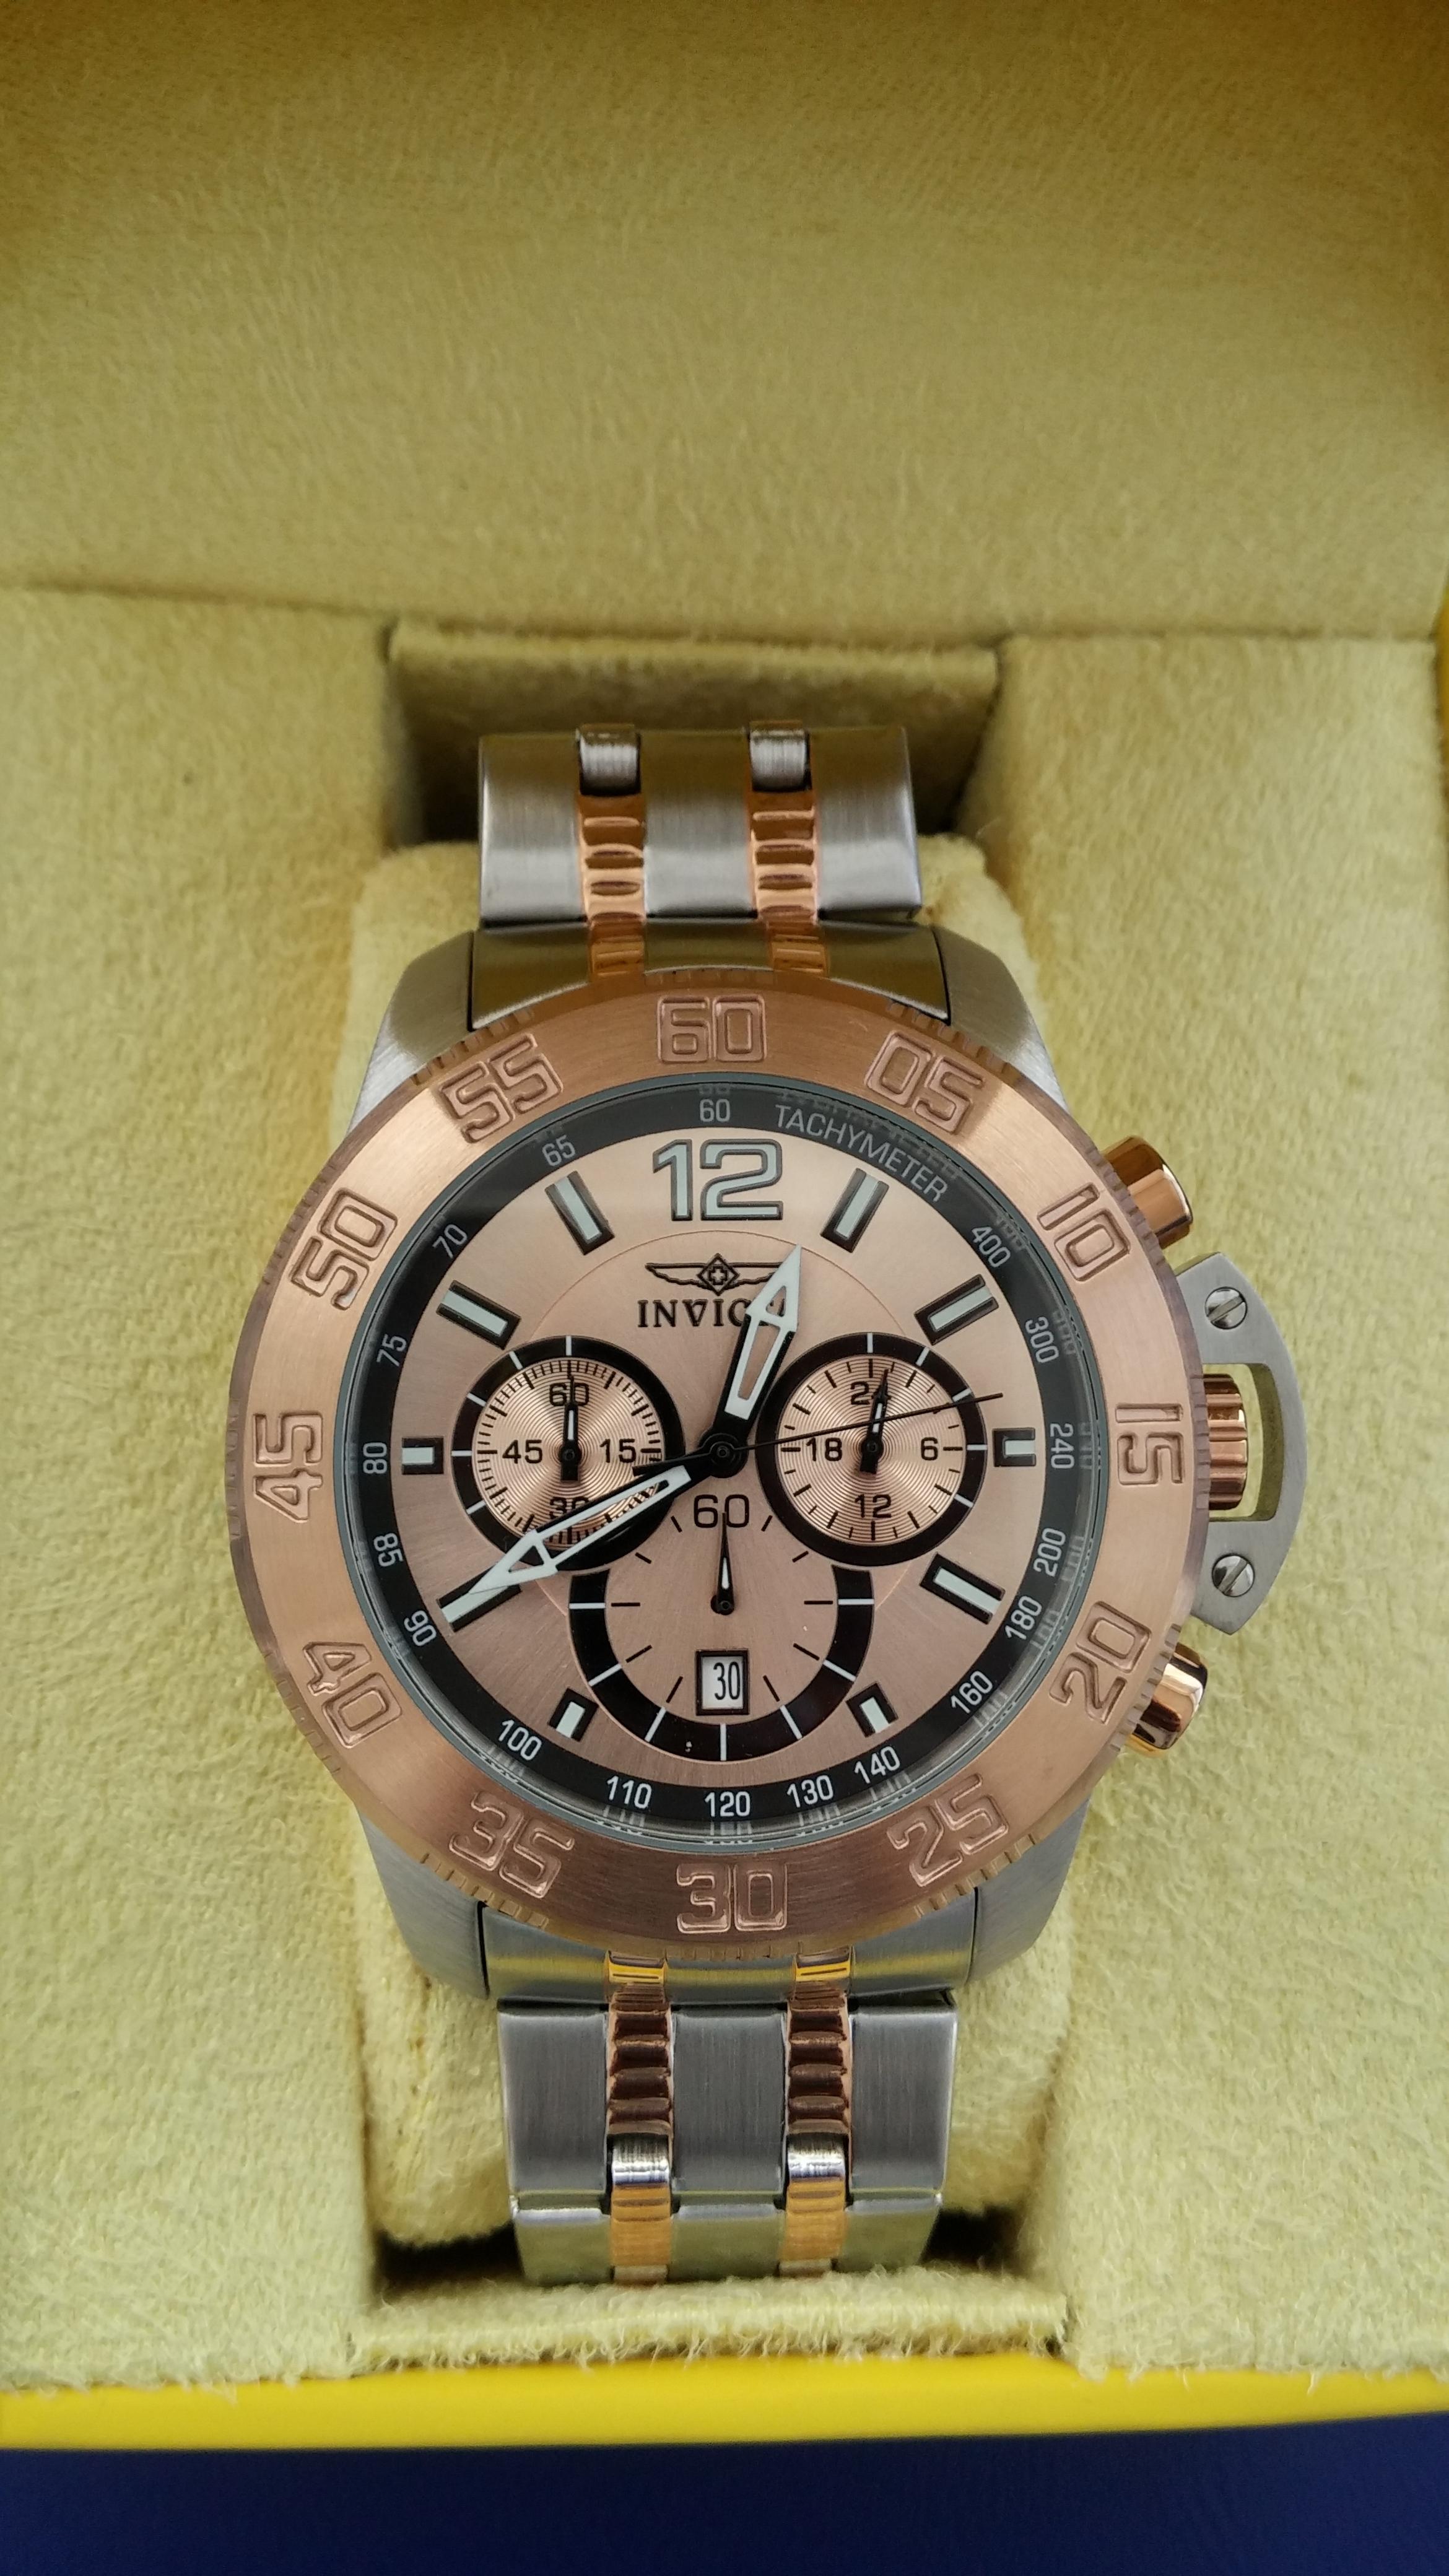 Všetky klasické mechanické hodinky boli totiž odsunuté novým typom  hodinkového strojčeka - quartz. Ten se ukázal výhodným hneď v niekoľkých  smeroch  ... 8df276e7676